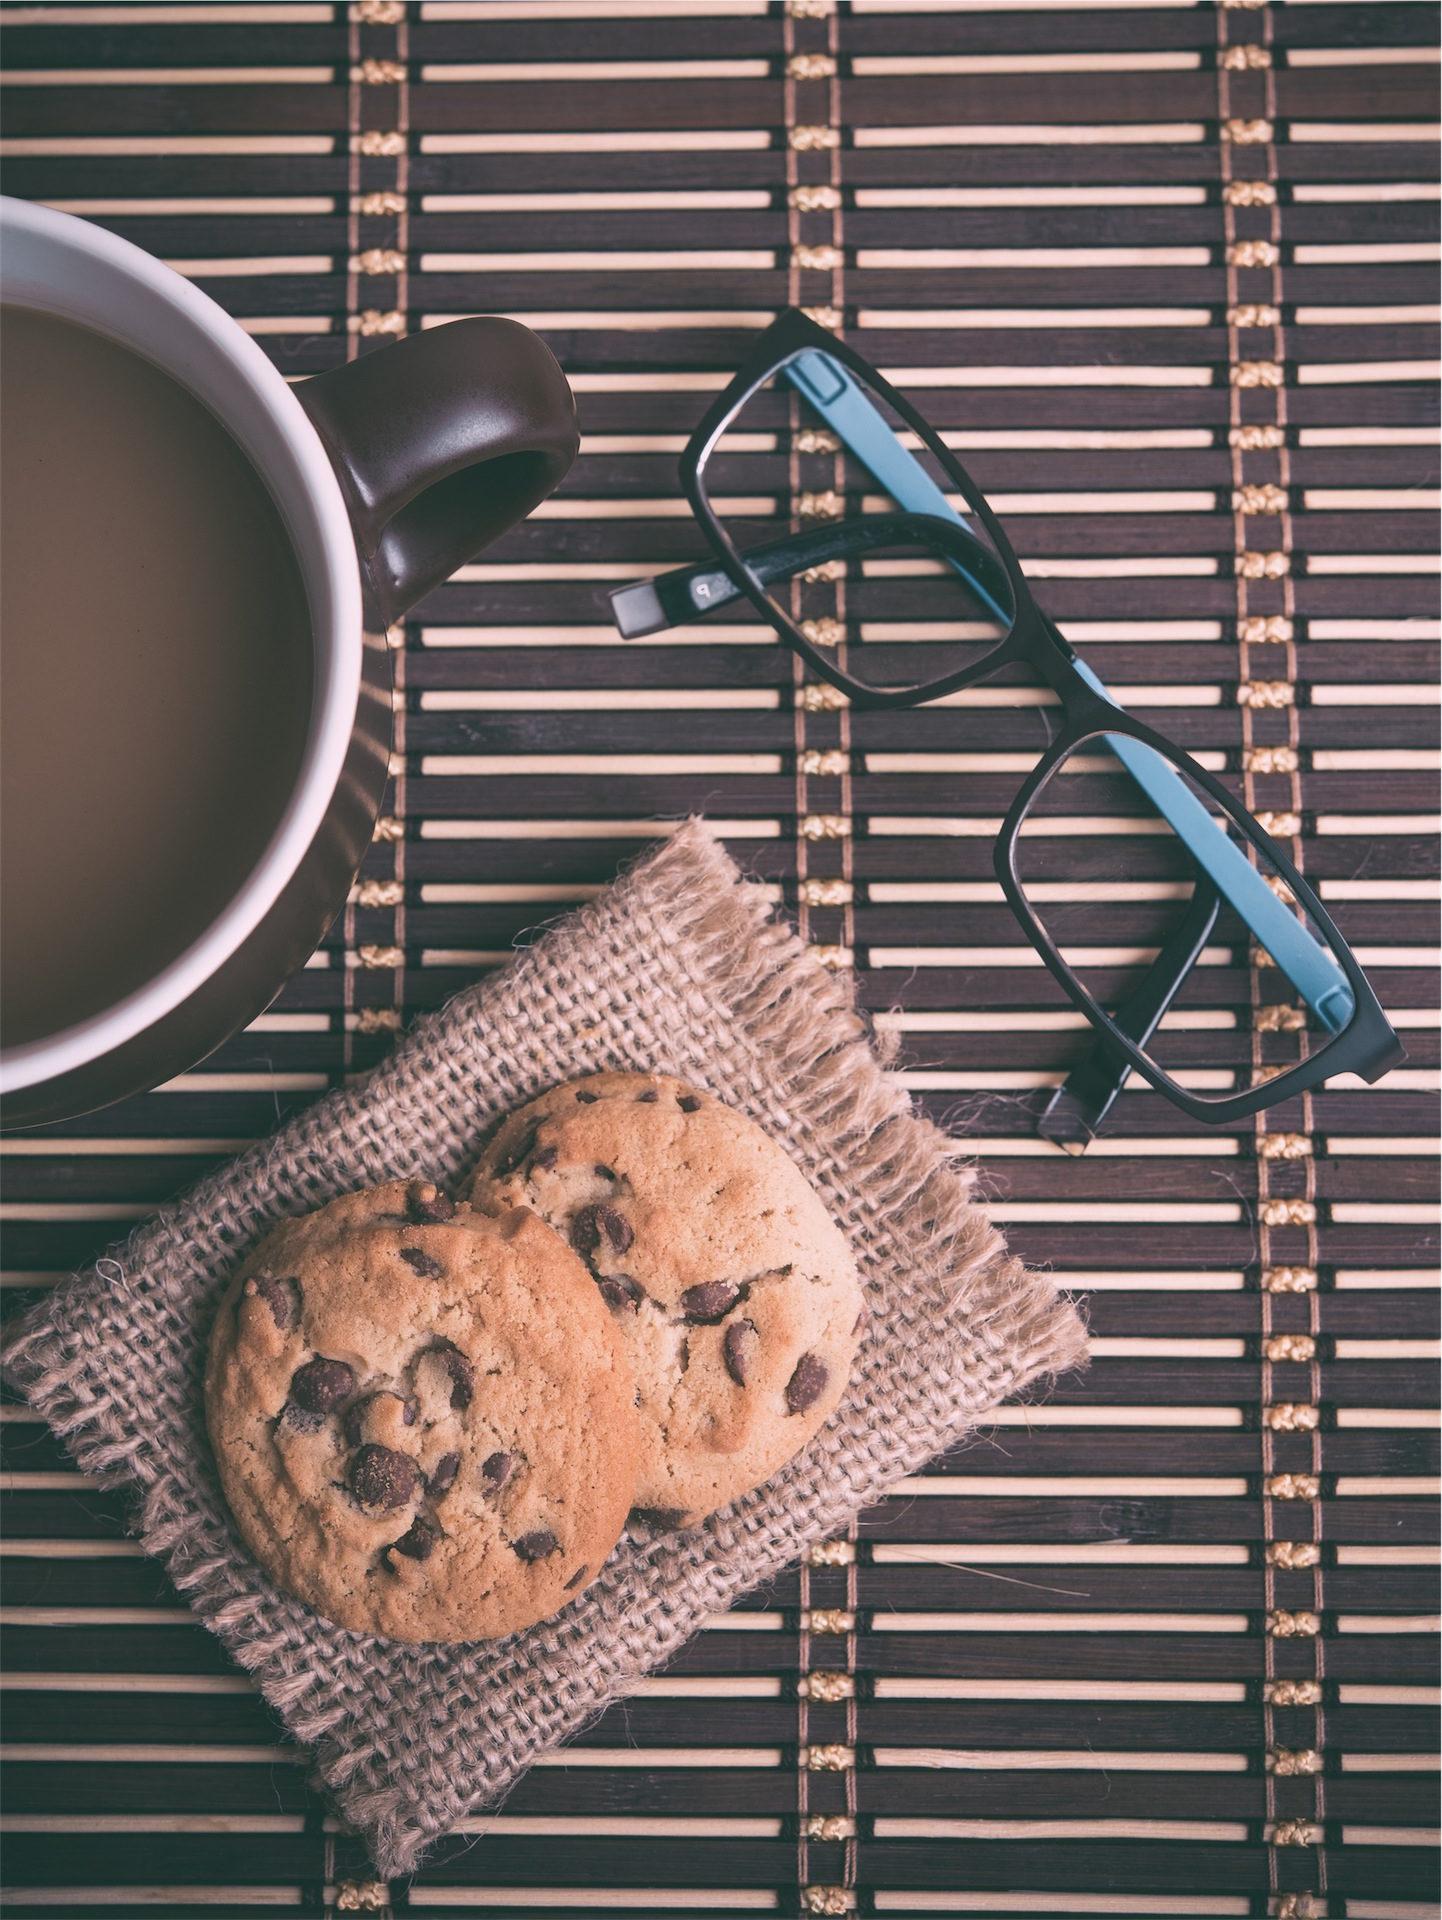 Κύπελλο, καφέ, τα cookies, γυαλιά ηλίου, πρωινό - Wallpapers HD - Professor-falken.com